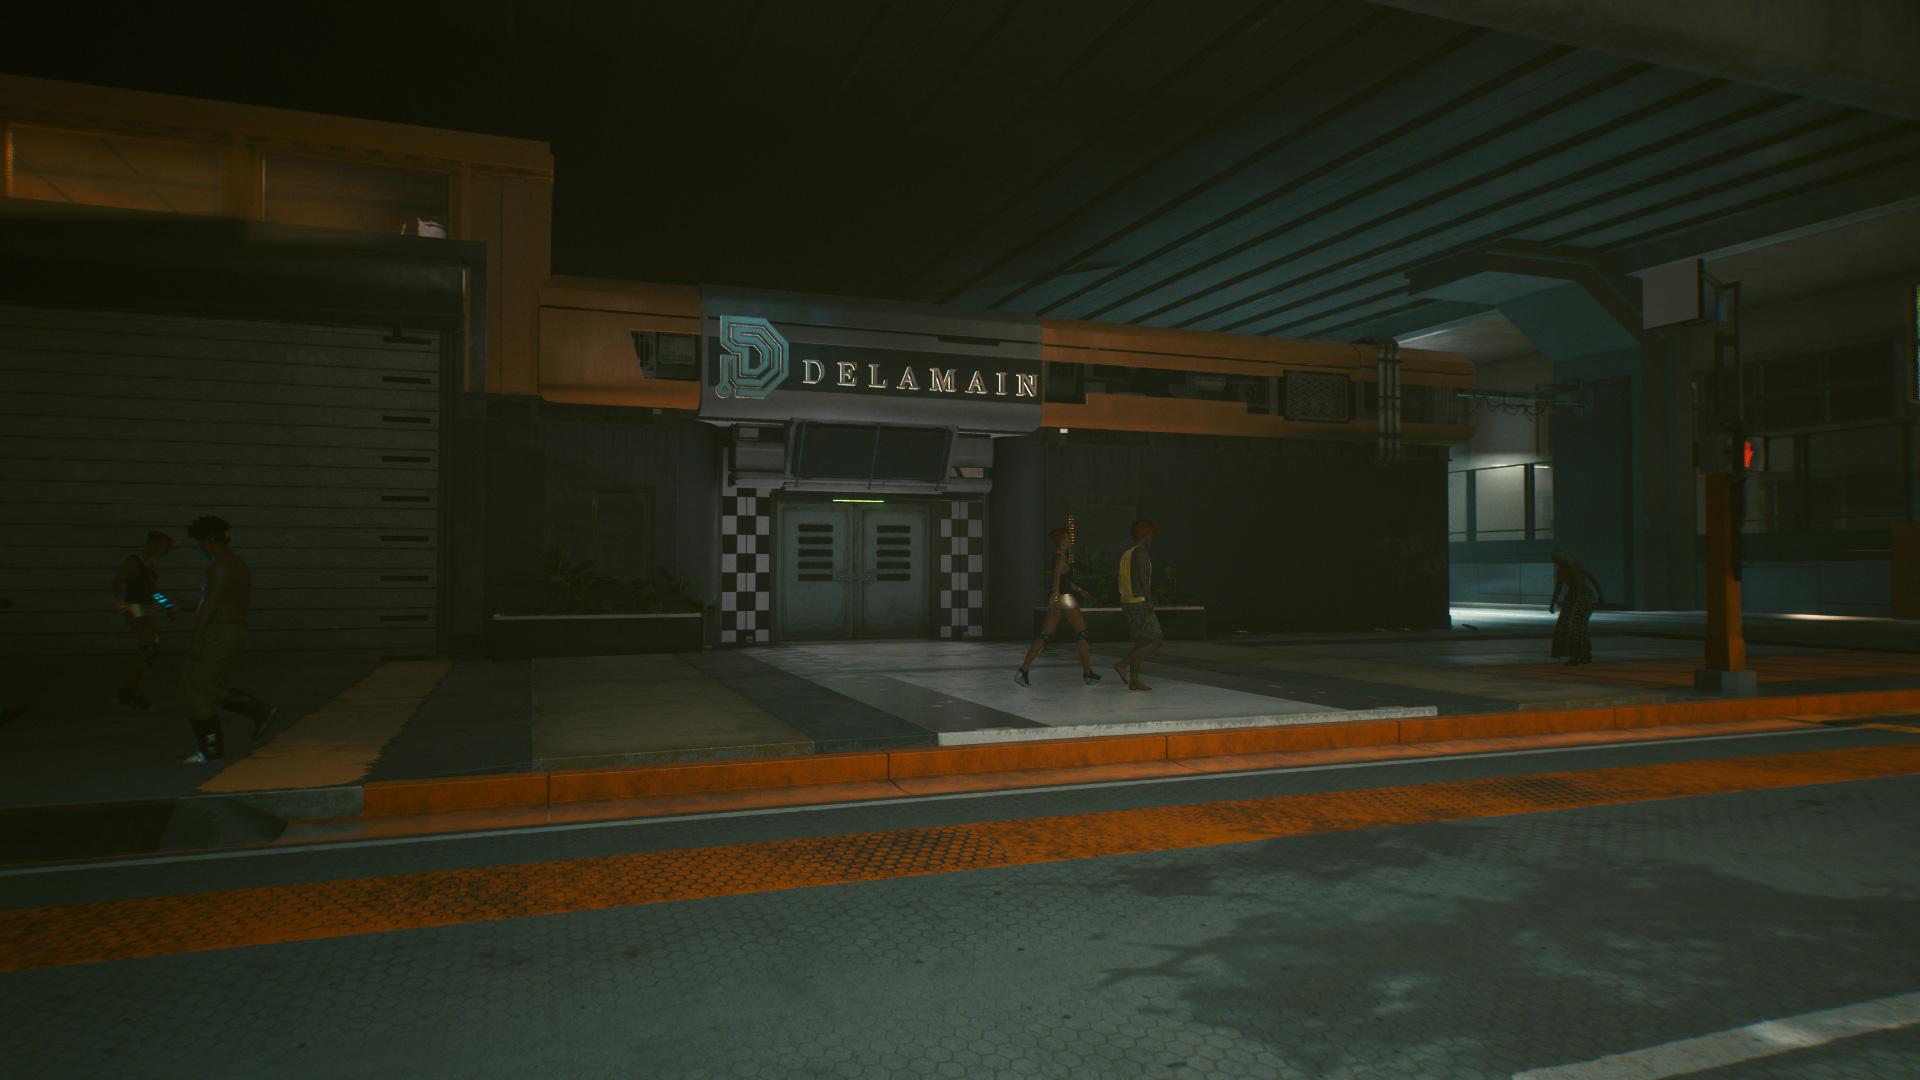 Comment trouver un moyen d'accéder au siège de Delamain dans Cyberpunk 2077